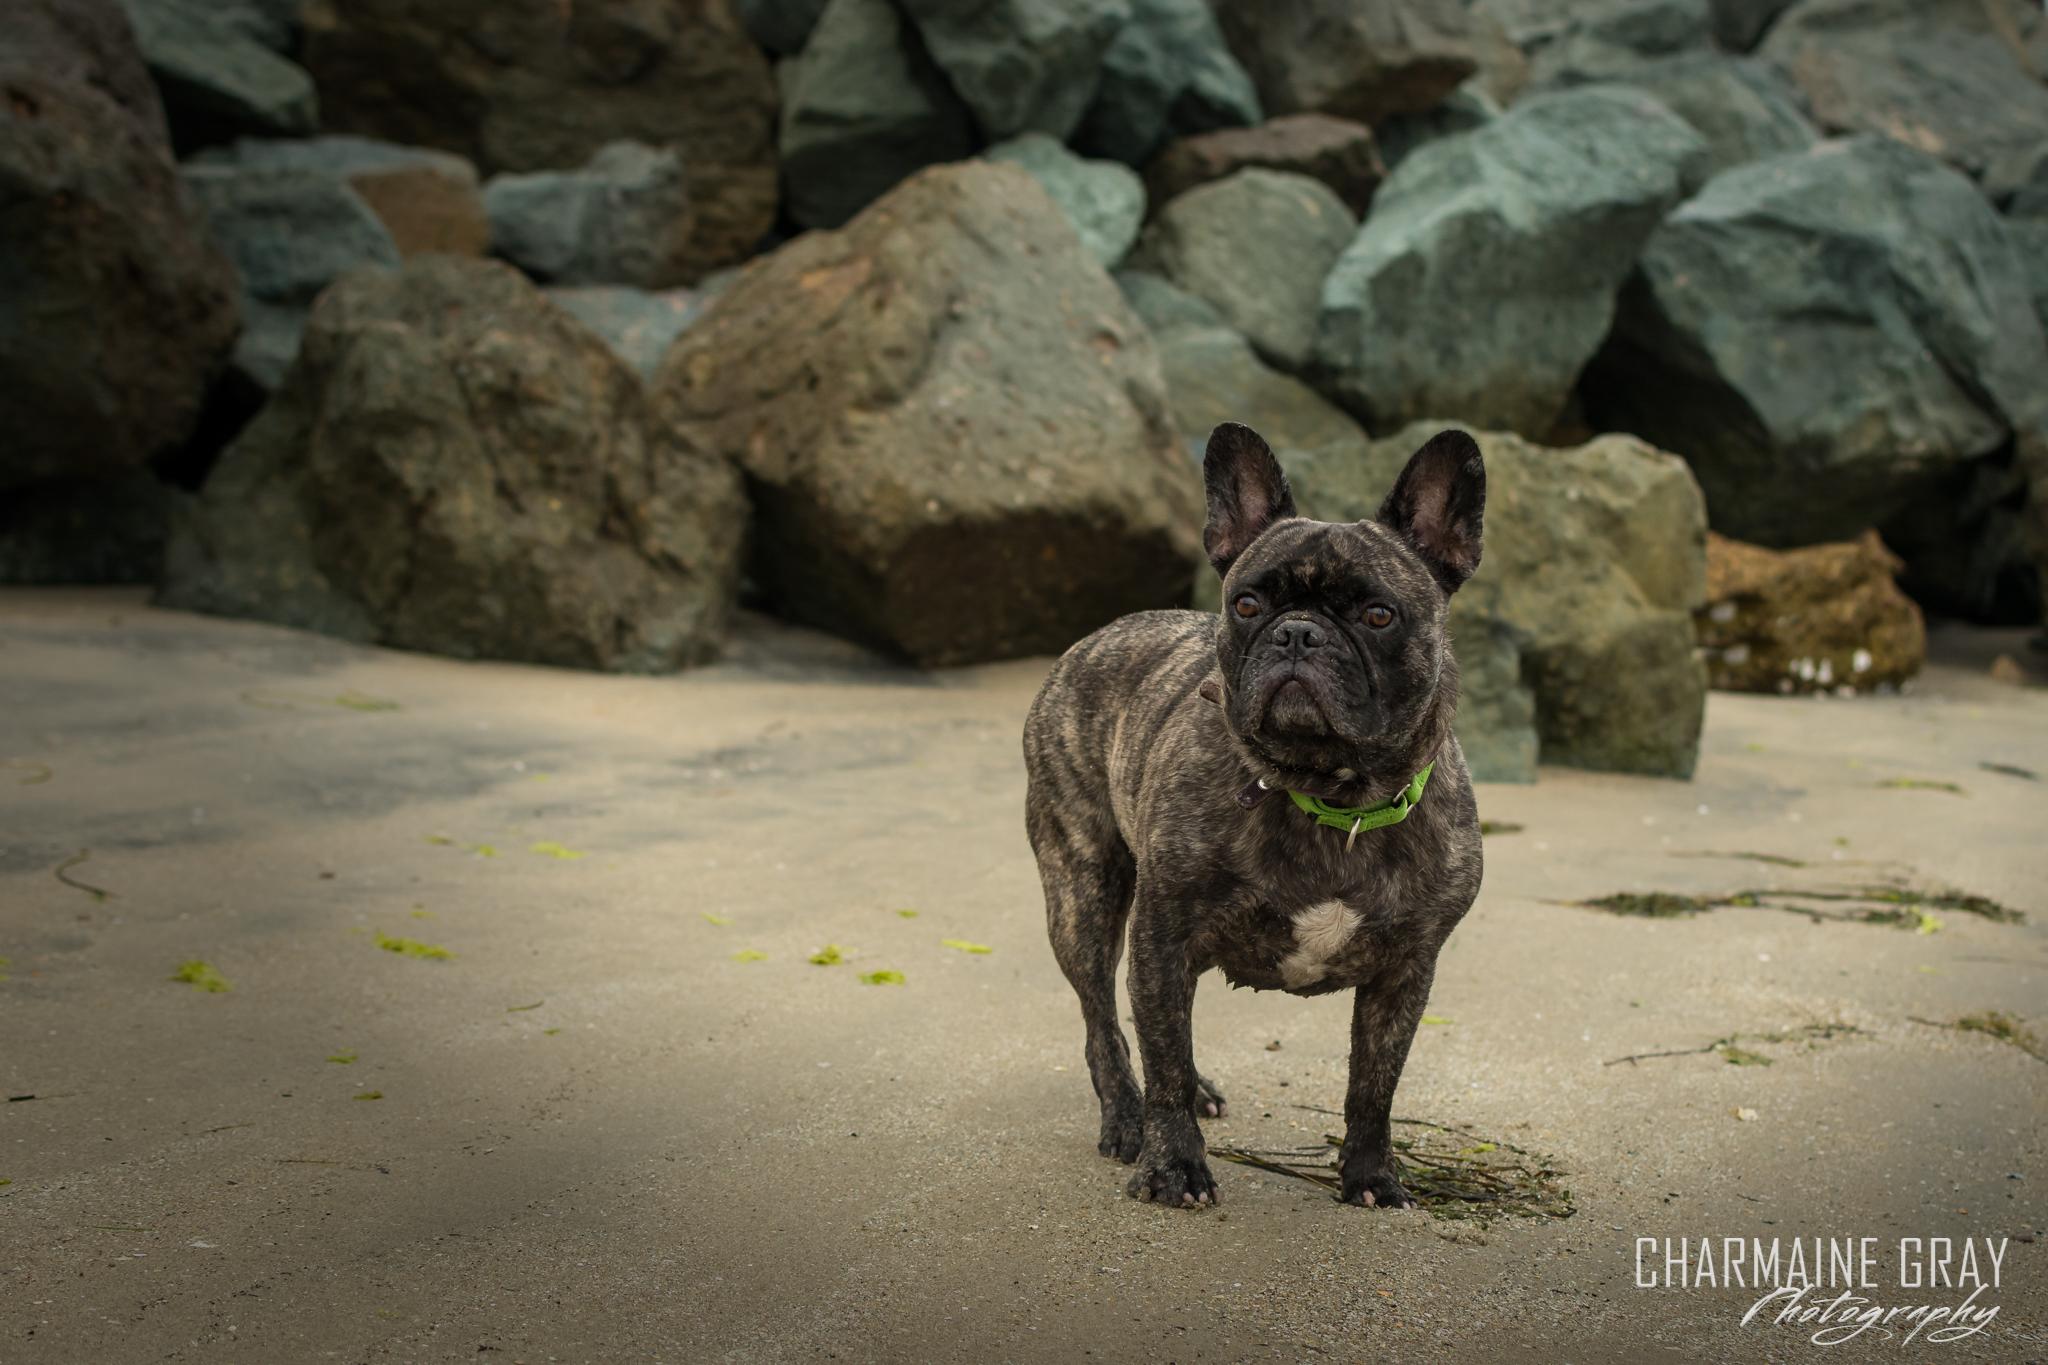 pet photographer, pet photography, pet portrait, pet, animal, charmaine gray photography, charmaine gray pet photography, san diego,frenchie,french bulldog, dog